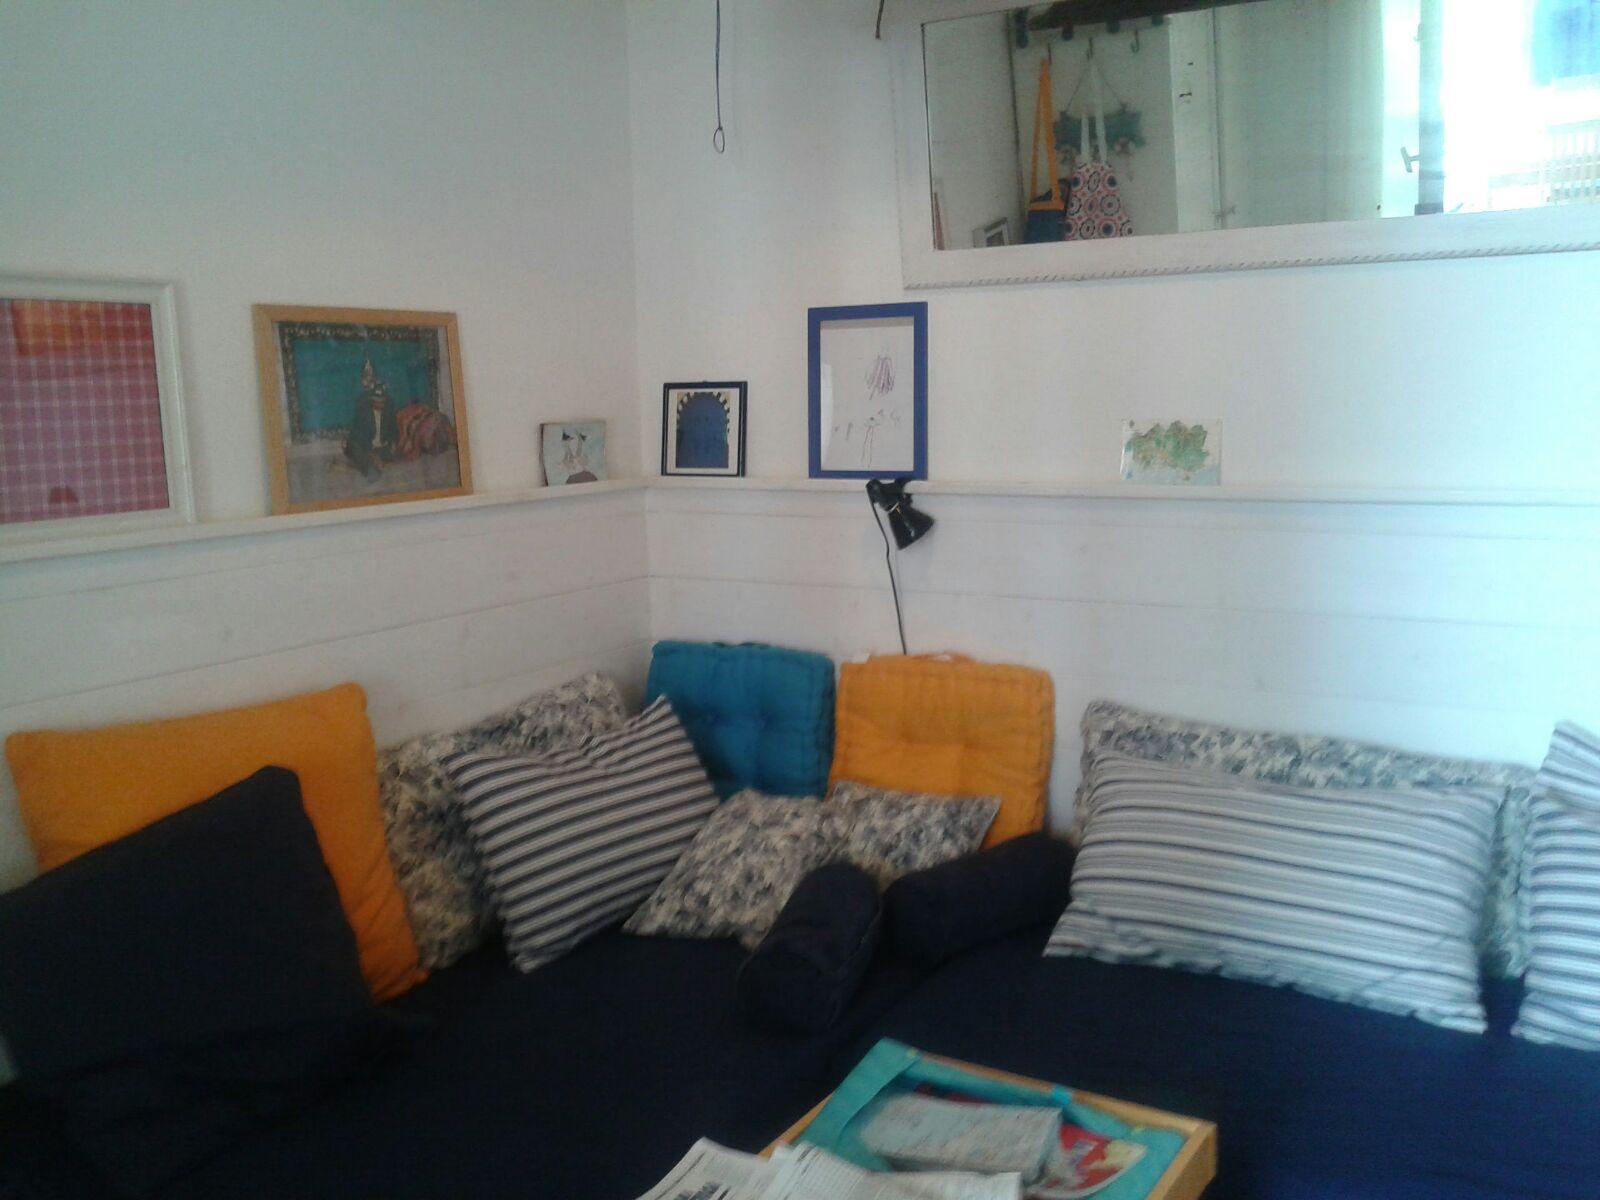 RIF 257/AFF- Capalbio Scalo appartamento con terrazzo e giardino in affittoCapalbioCastrumTuscany